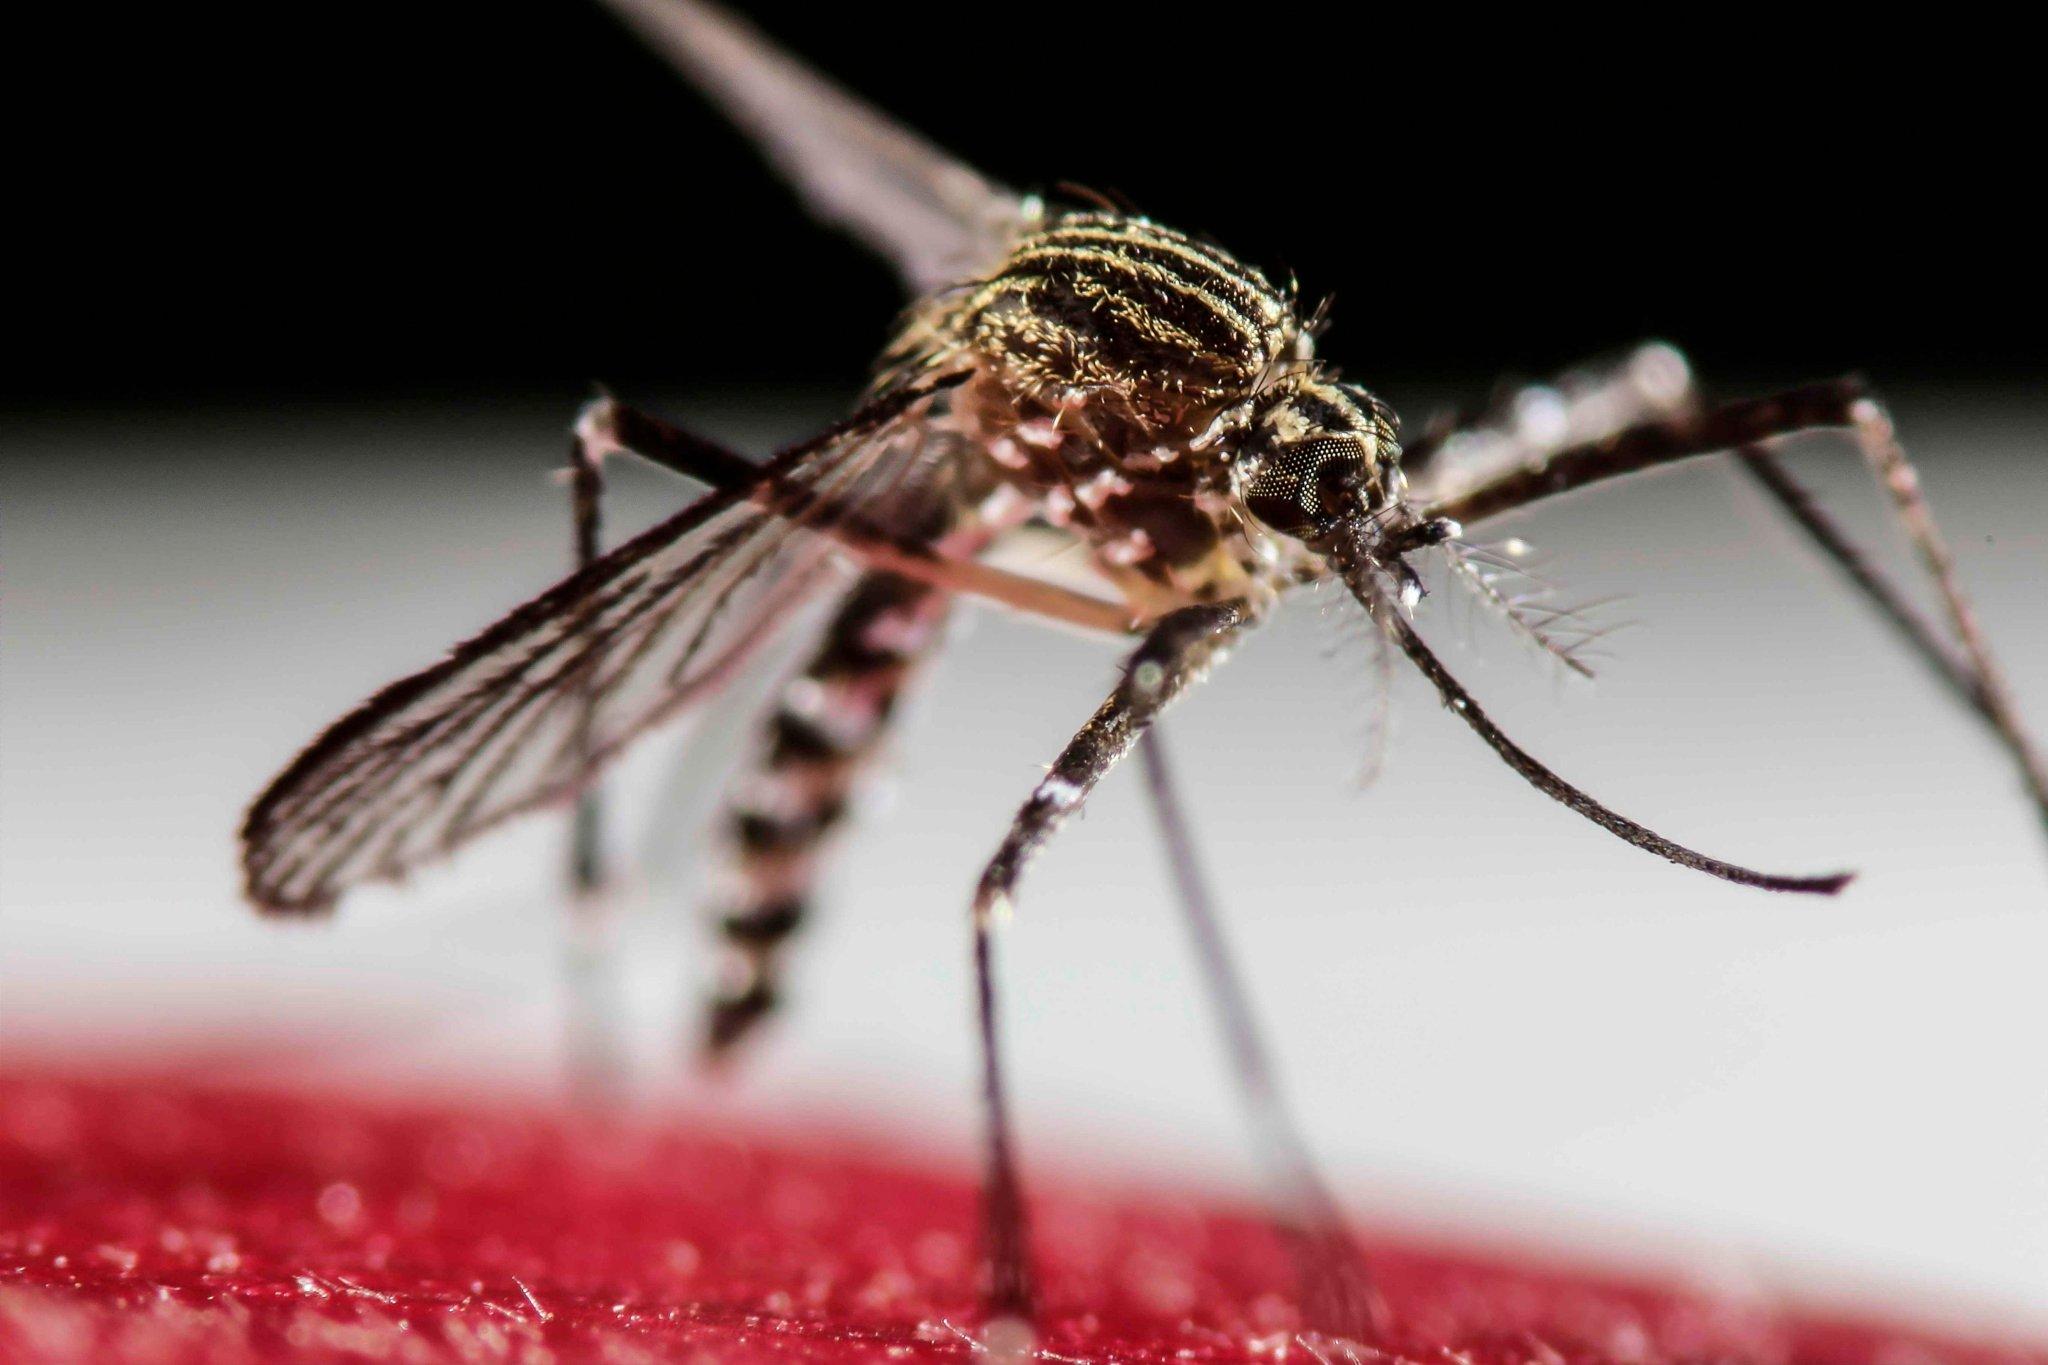 Descubren un tipo de aborto espontáneo asociado con infección por virus del Zika